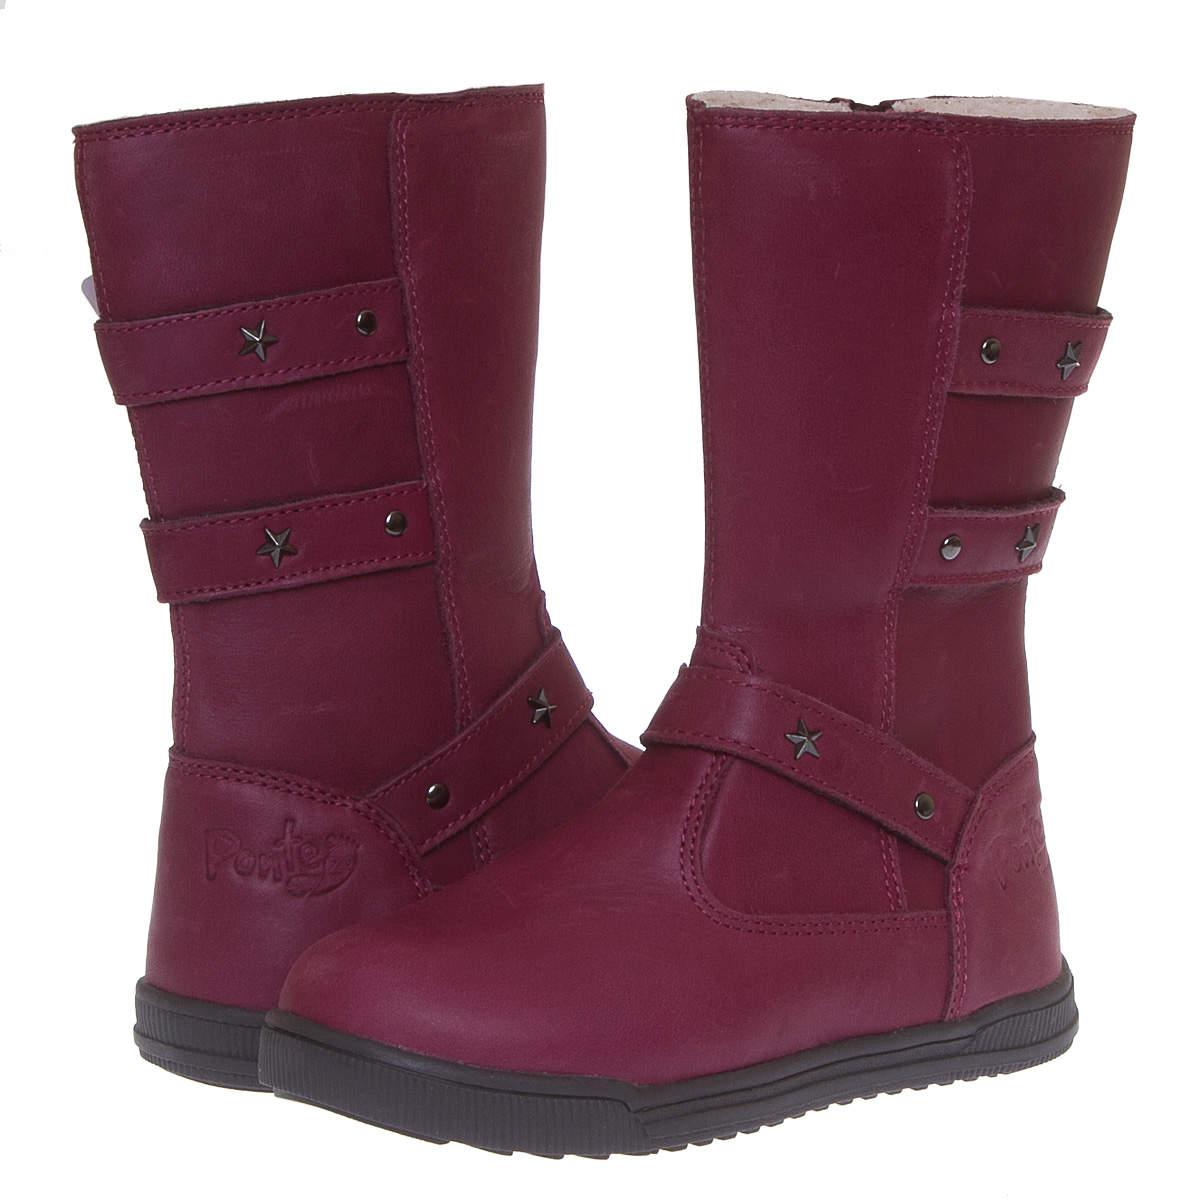 Шкіряні чоботи для дівчинки Ponte20 DA 06-1-606A Raspberry купити в ... 198512448a2a7